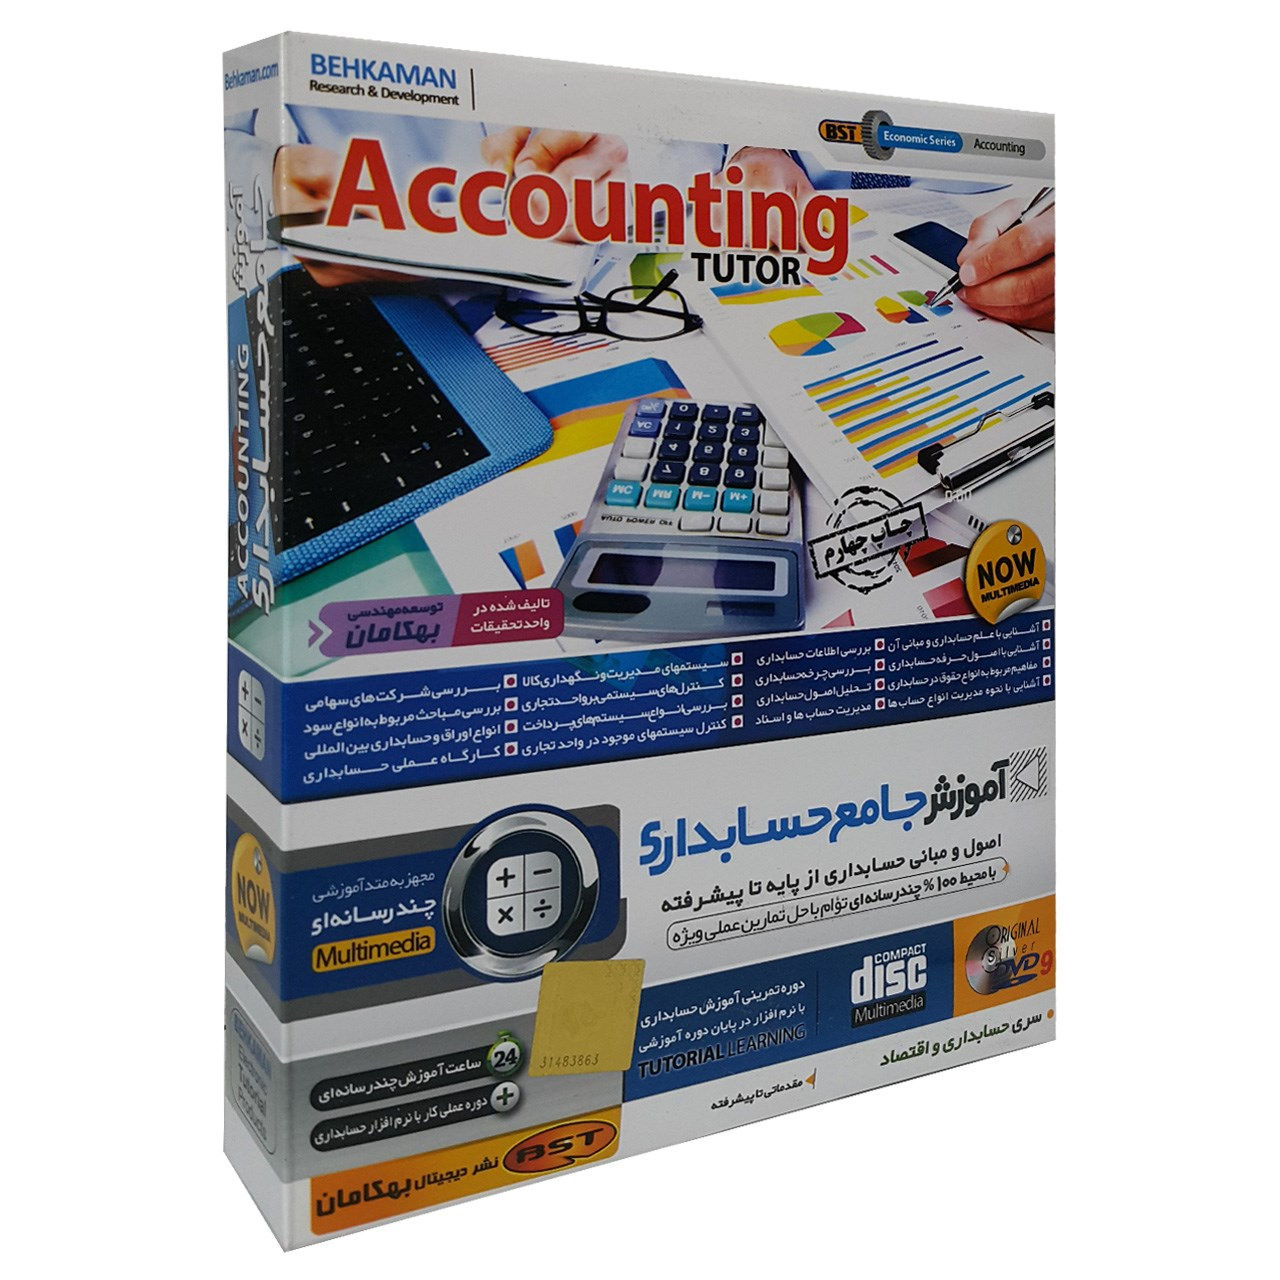 آموزش نرم افزار حسابداری نشر بهکامان